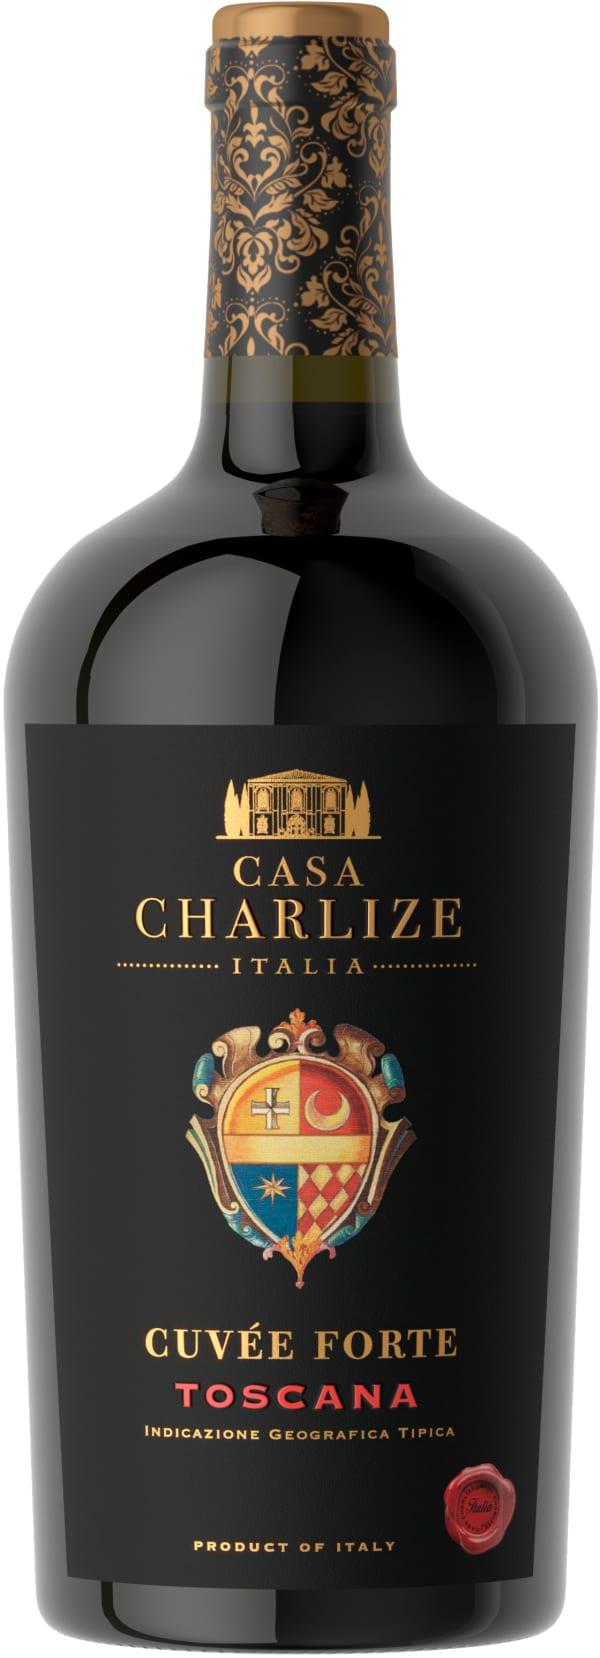 Casa Charlize Cuvée Forte